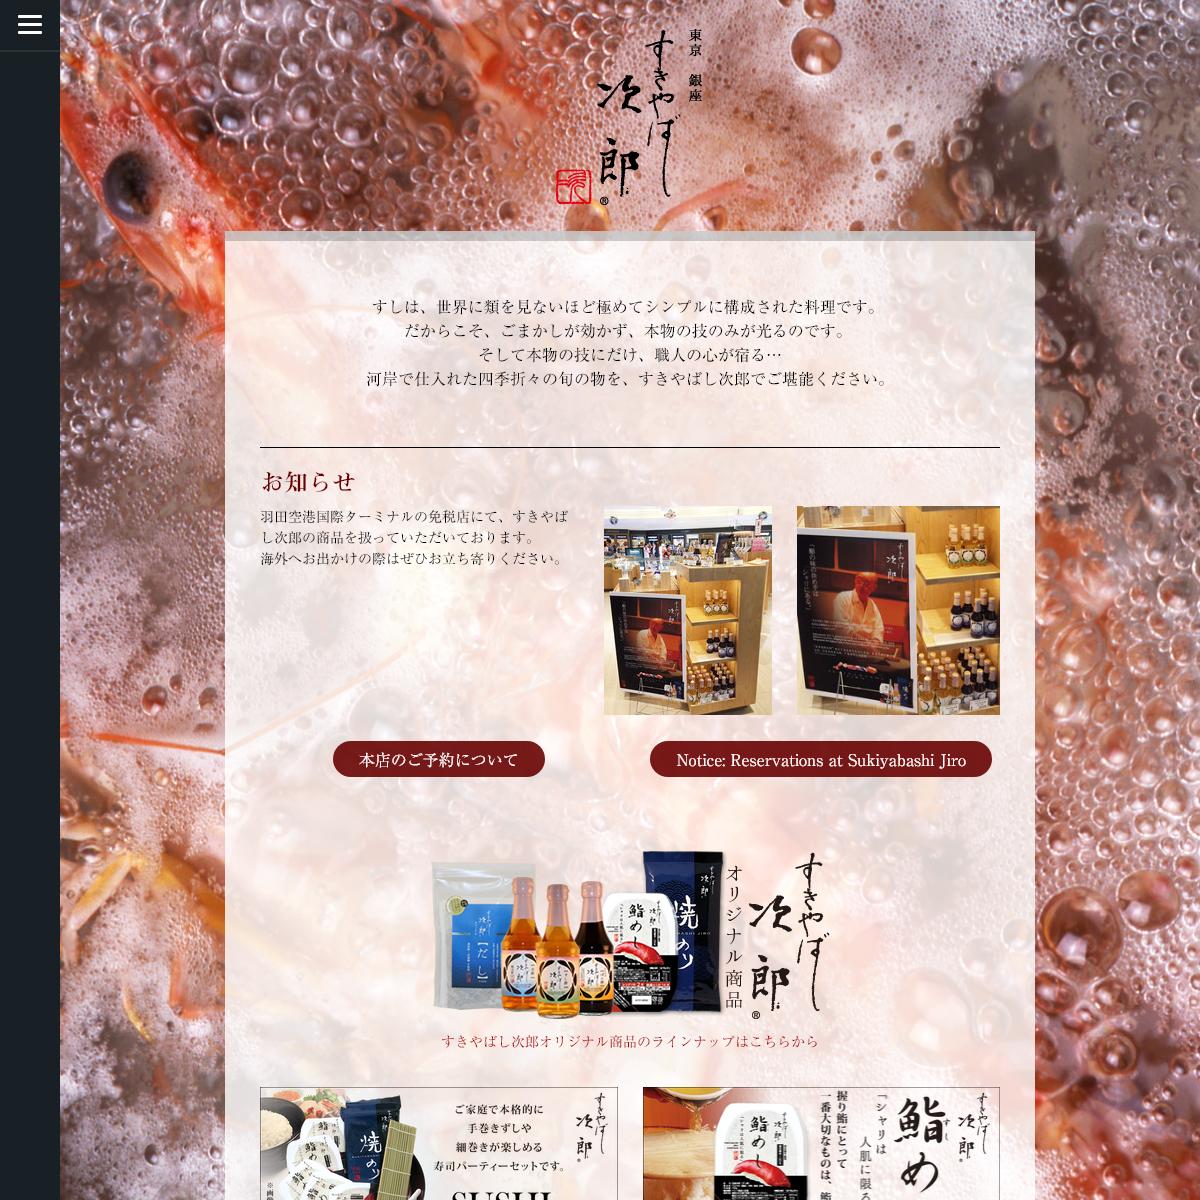 銀座 すきやばし次郎 本店 鮨 - すきやばし次郎 SUKIYABASHI JIRO